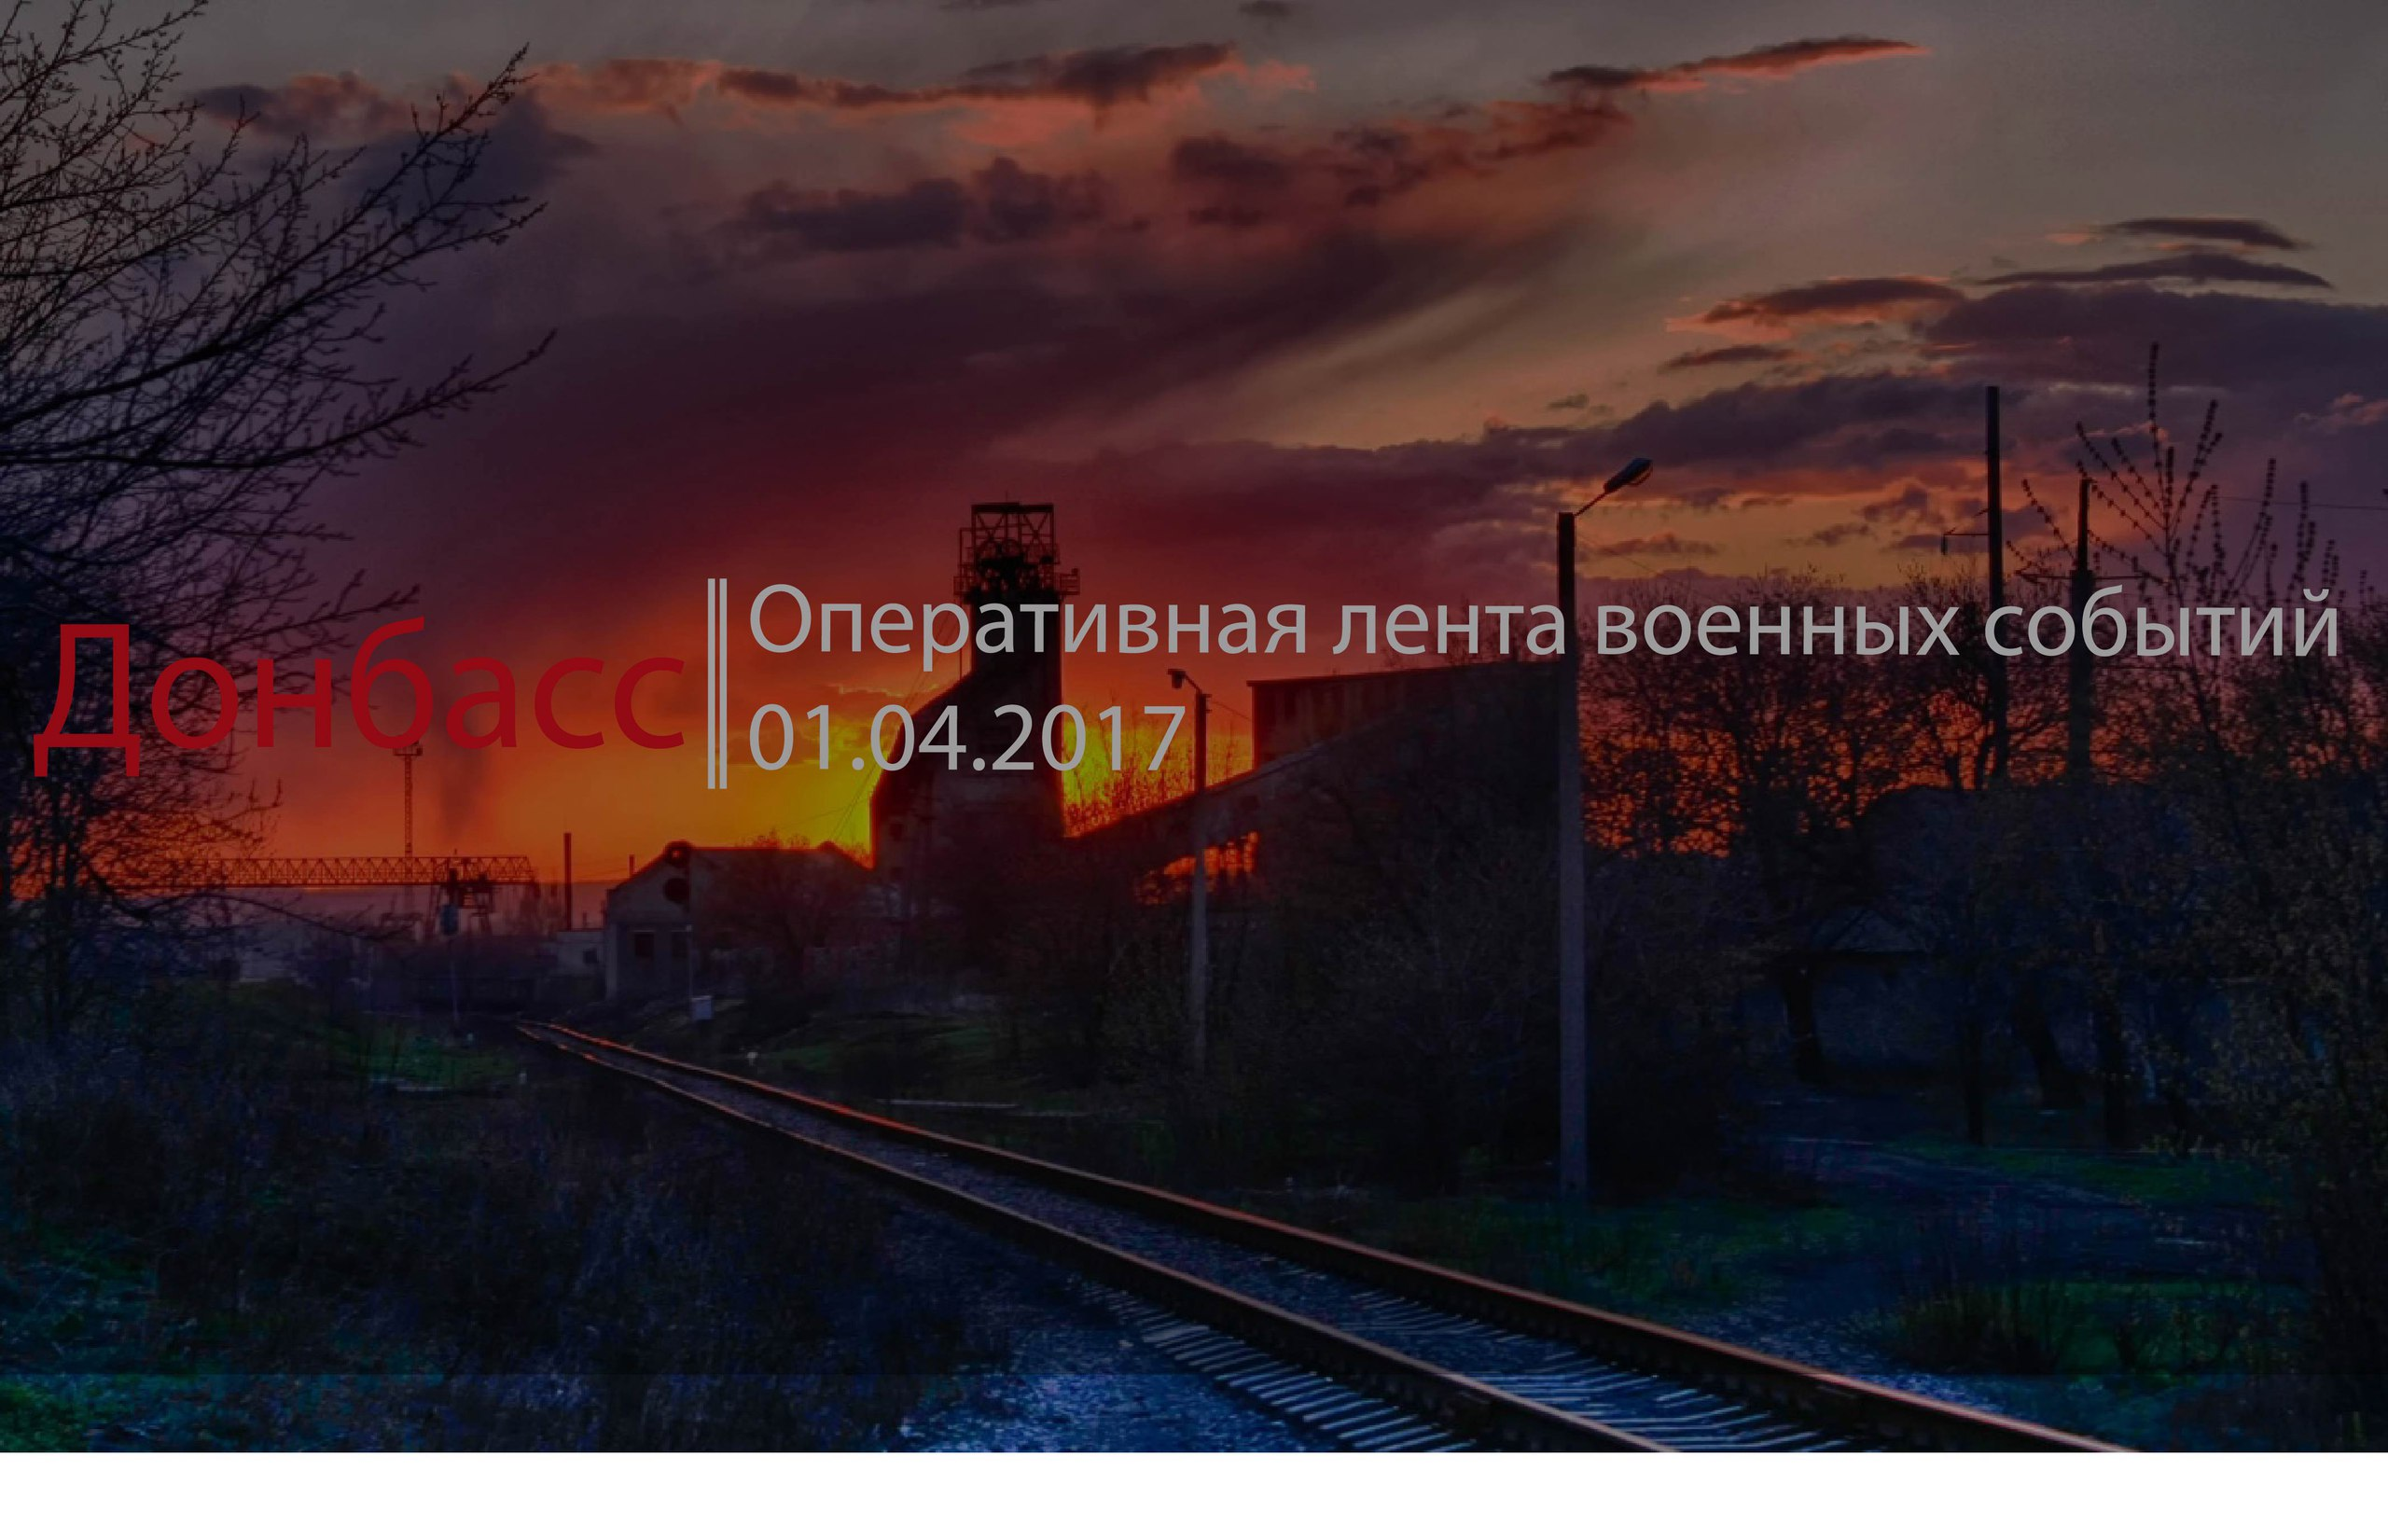 Донбасс. Оперативная лента военных событий 01.04.2017